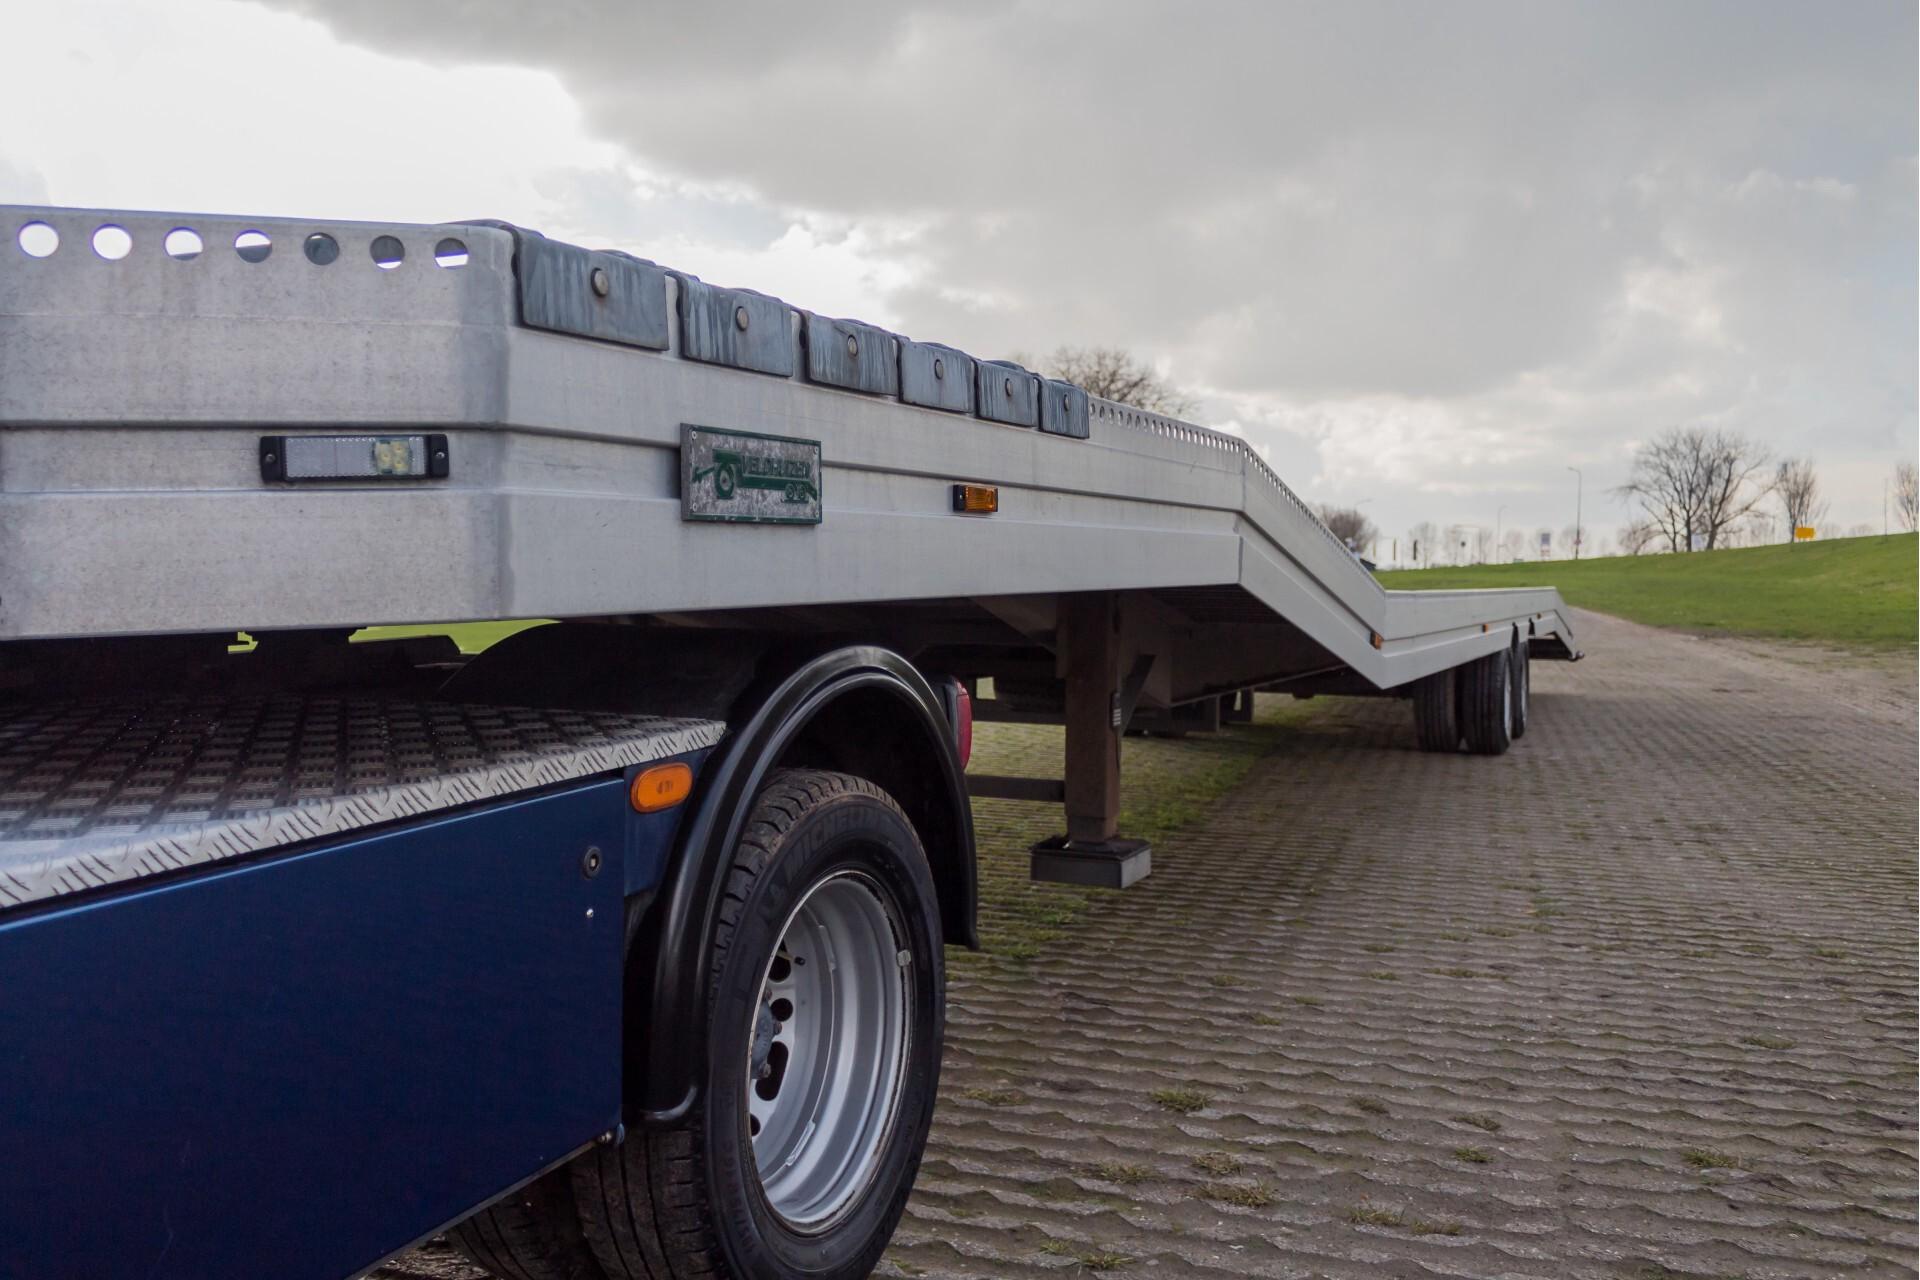 Mercedes-Benz Sprinter 518 3.0 Cdi V6 Oprijwagen / Auto ambulance 7360 kg Foto 28